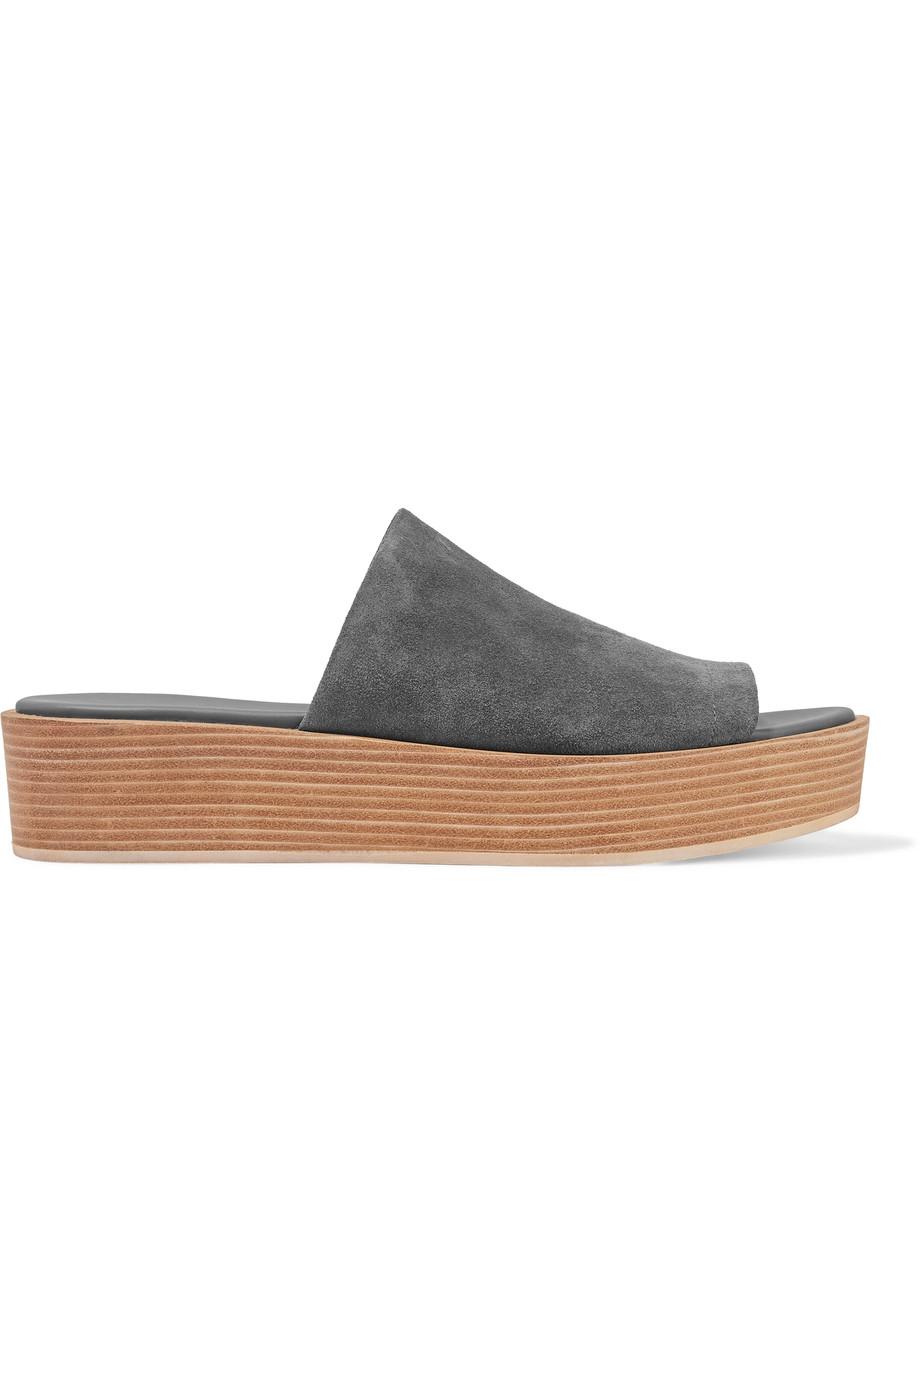 VINCE Saskia Suede Sandals